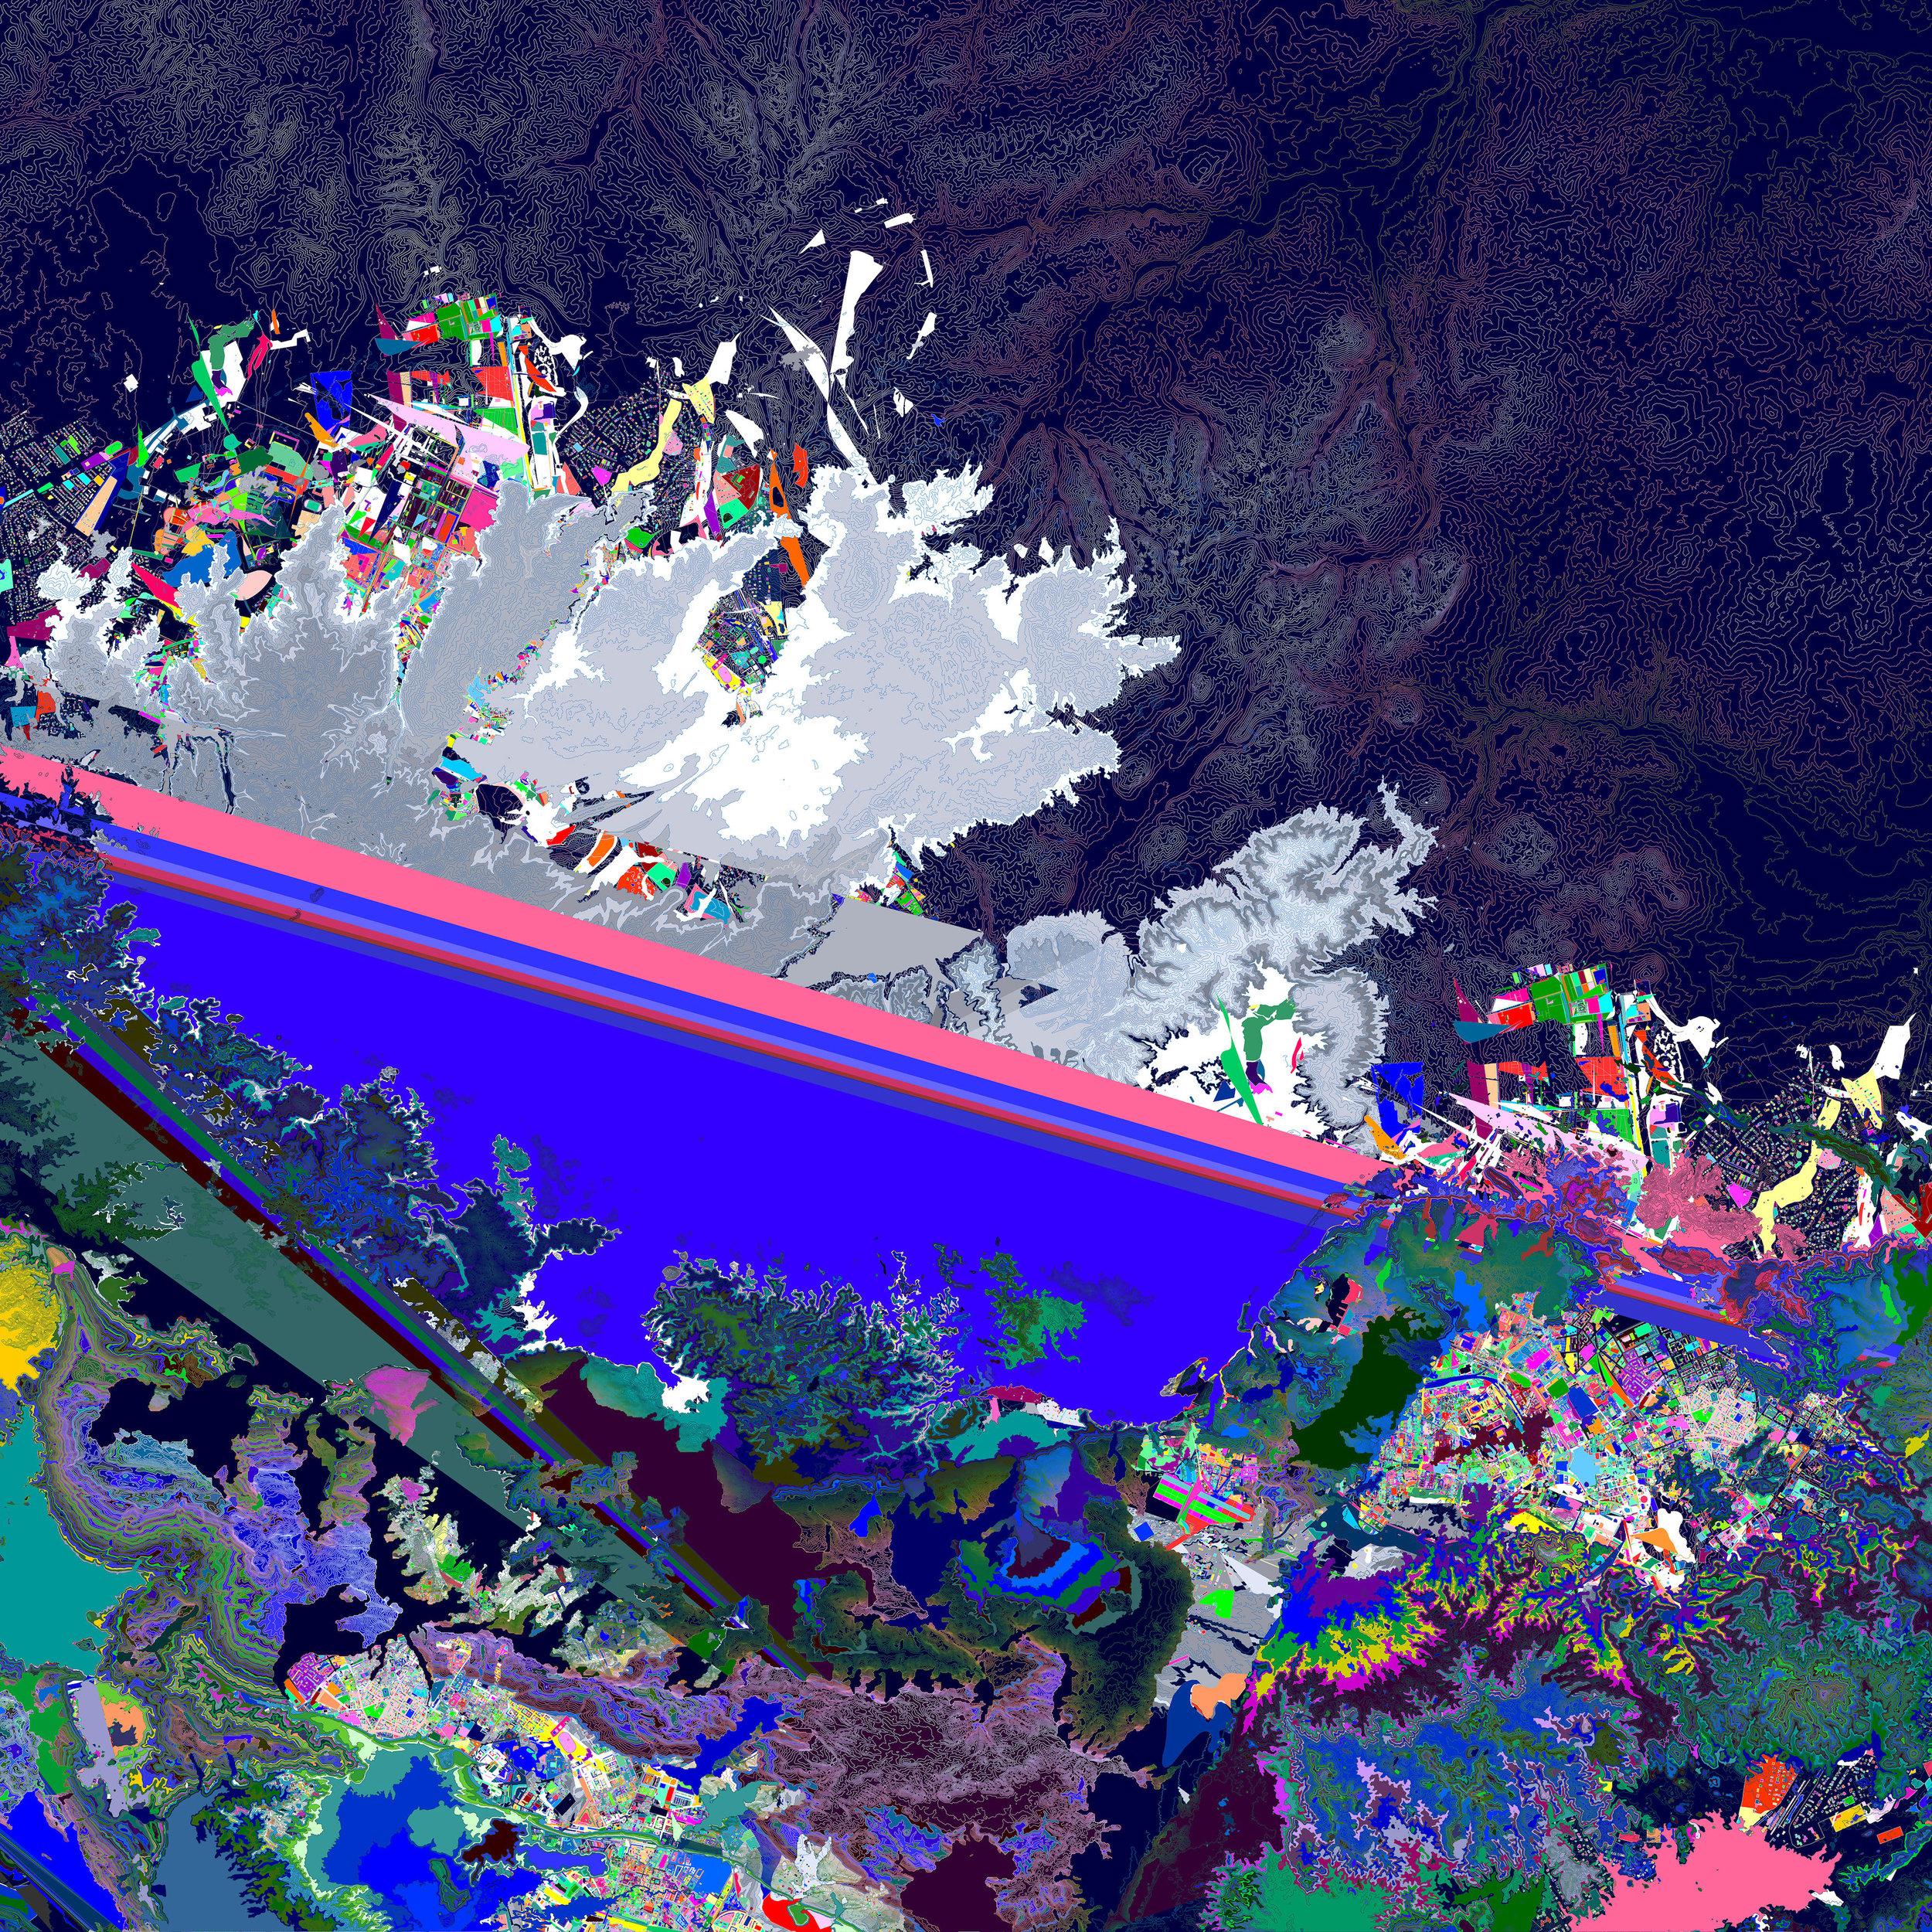 Untitled 4 (Voyage) 2016 - Digitial Artwork - Dimensions Variable copy.jpg